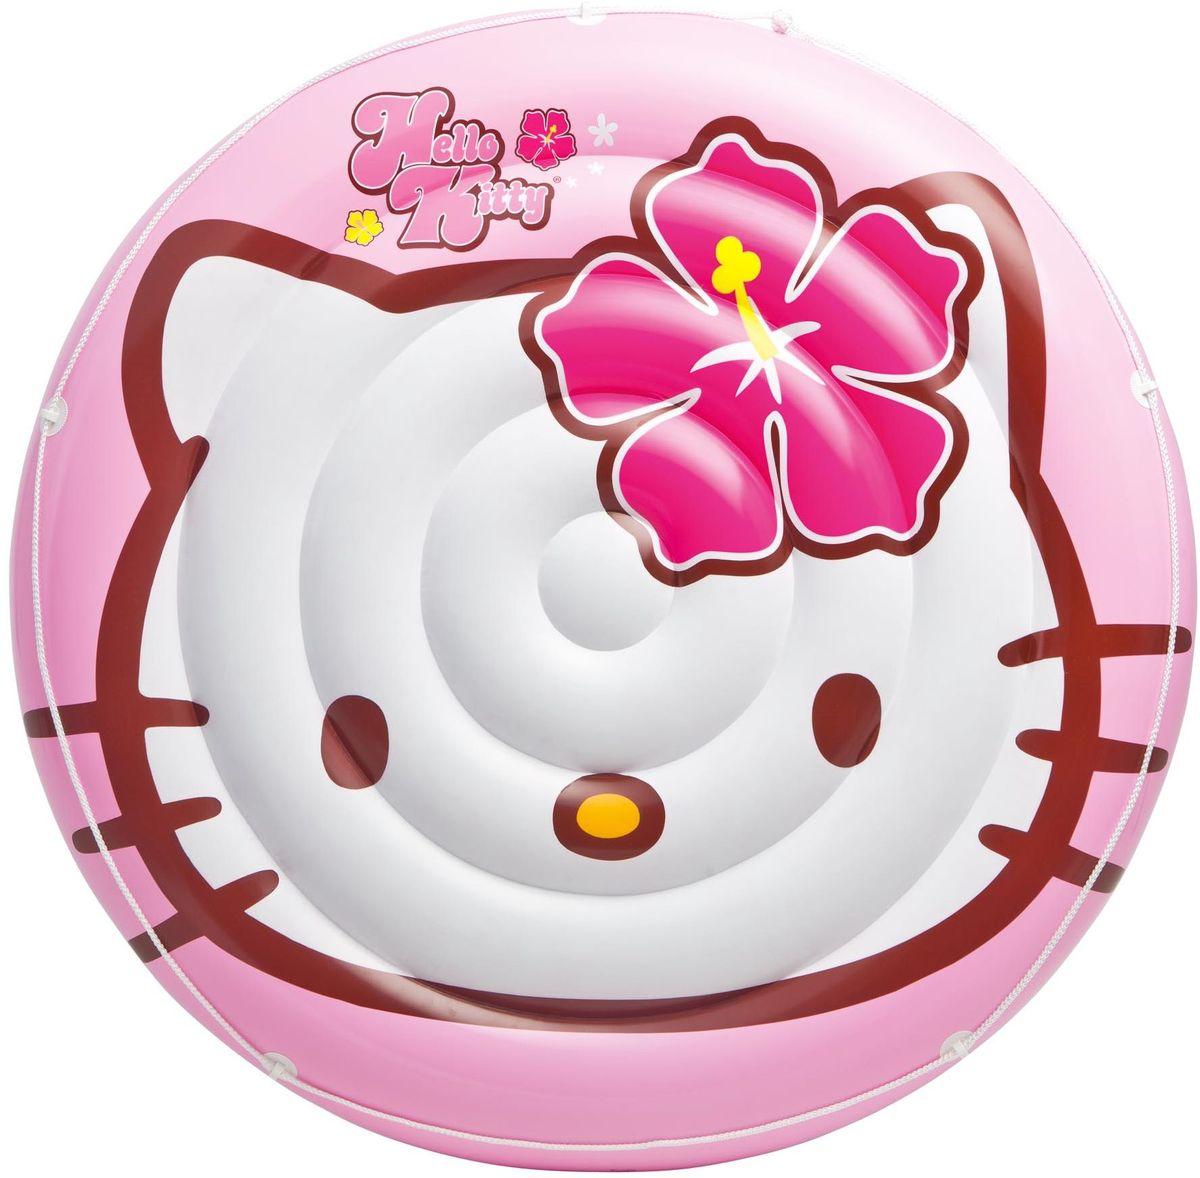 Надувной островок Intex Hello Kitty, 137 см. с13с13надувной островок Hello Kitty 137см